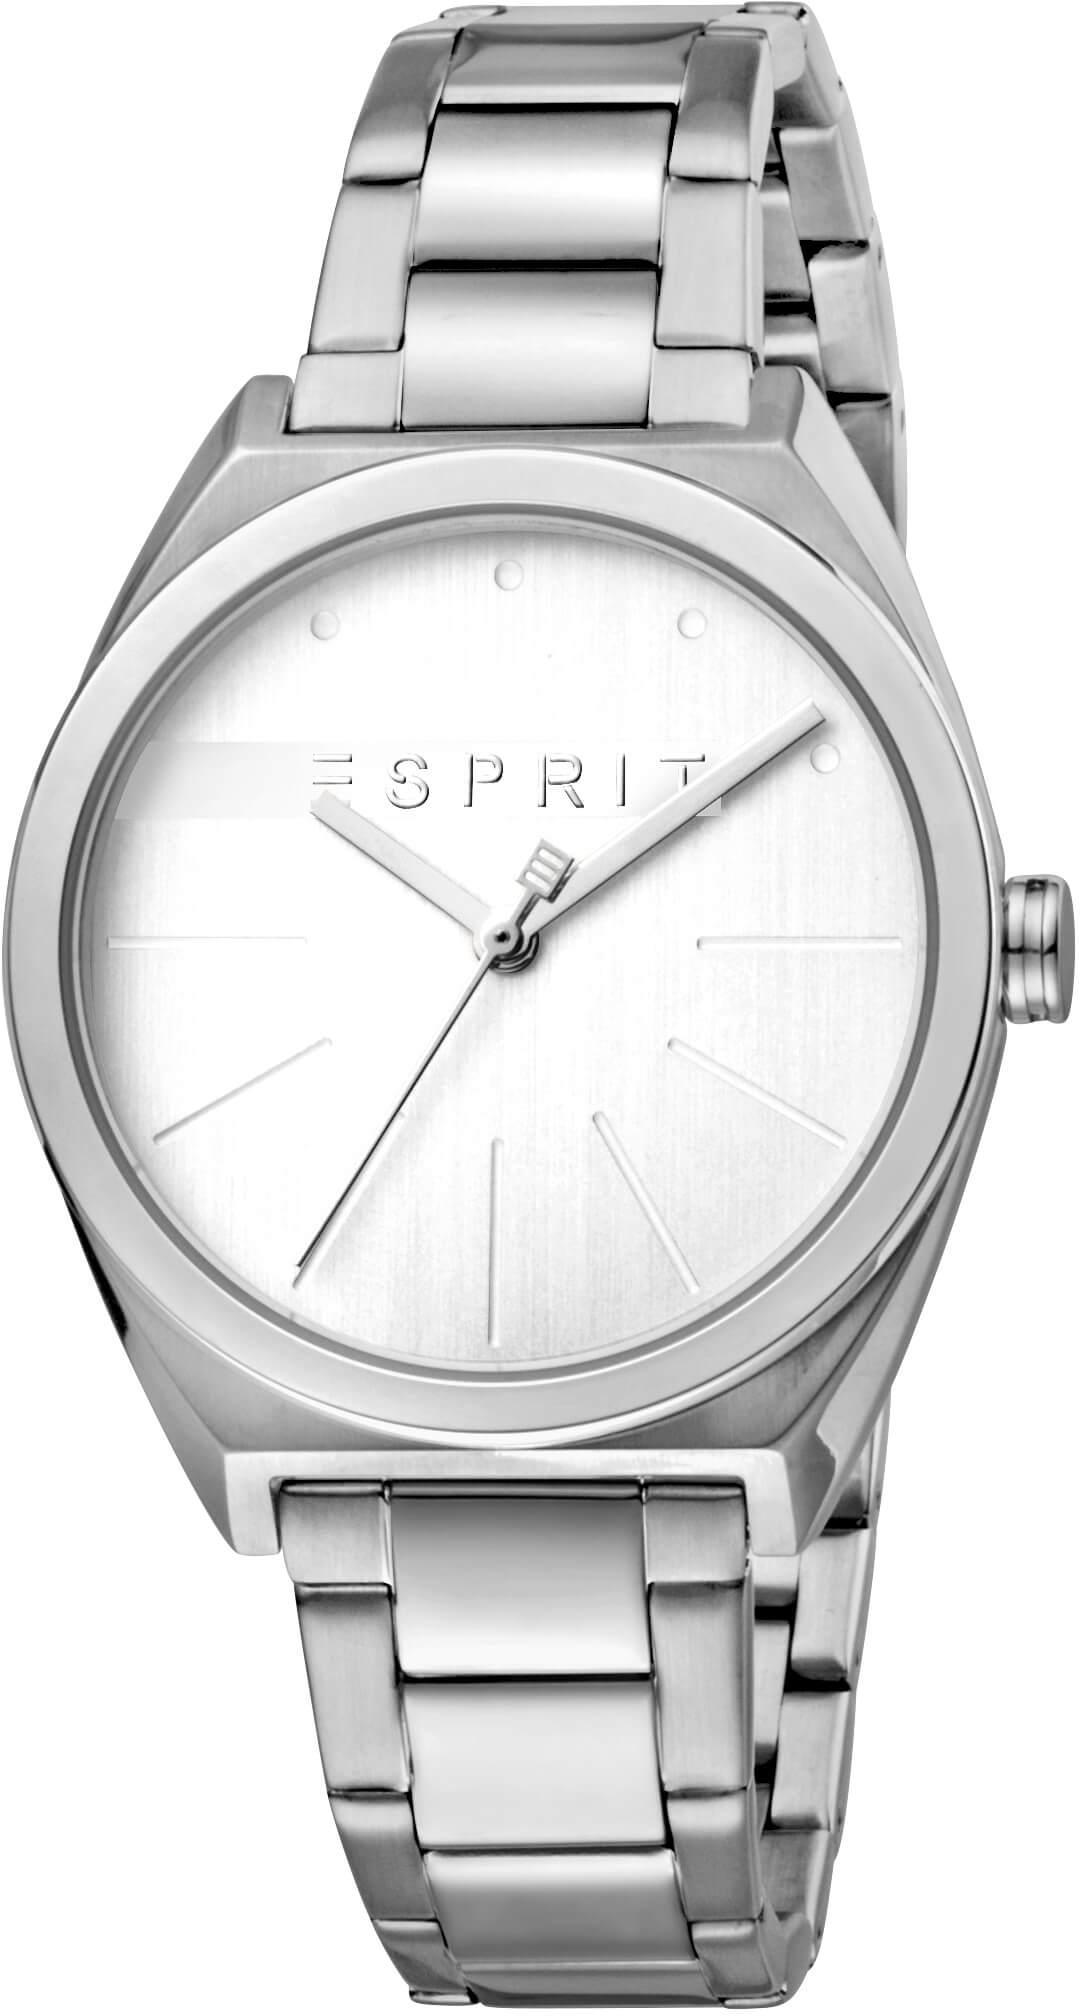 Esprit Slice Silver MB ES1L056M0045 Doprava ZDARMA  5965798da93